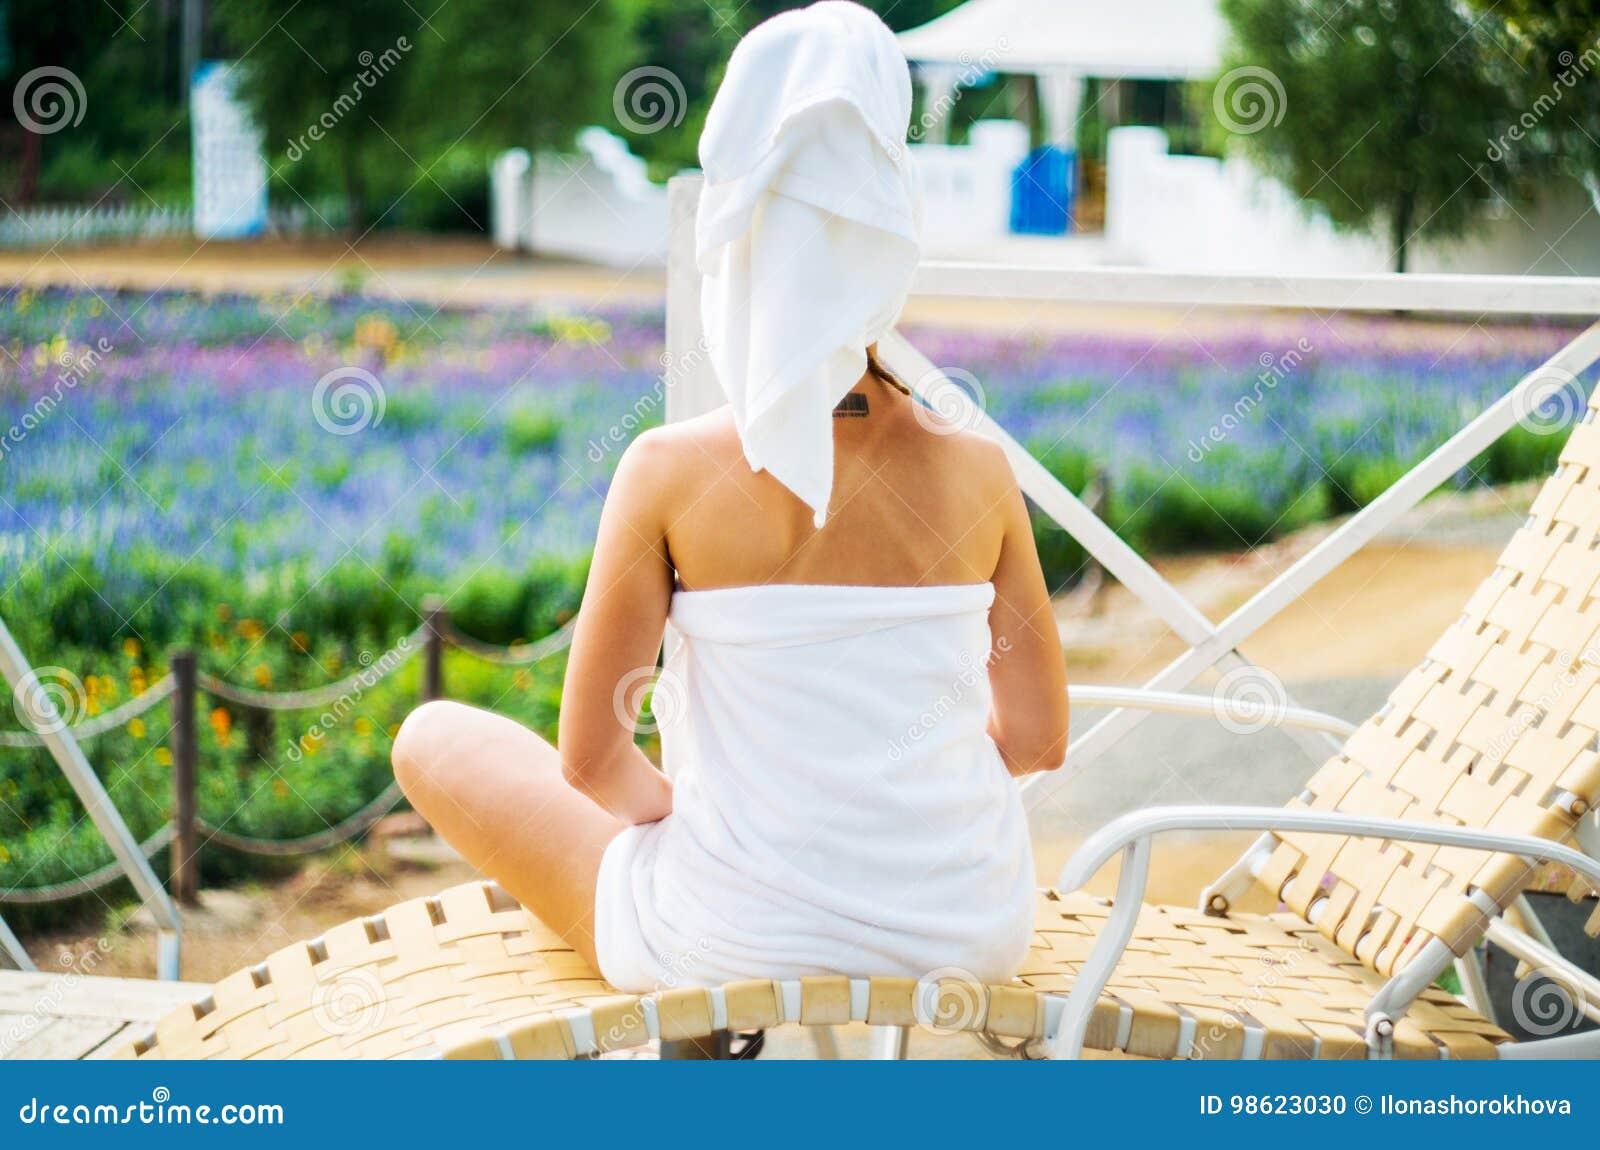 Eine Frau in einem Badtuch sitzt auf einem Aufenthaltsraum auf einer Terrasse